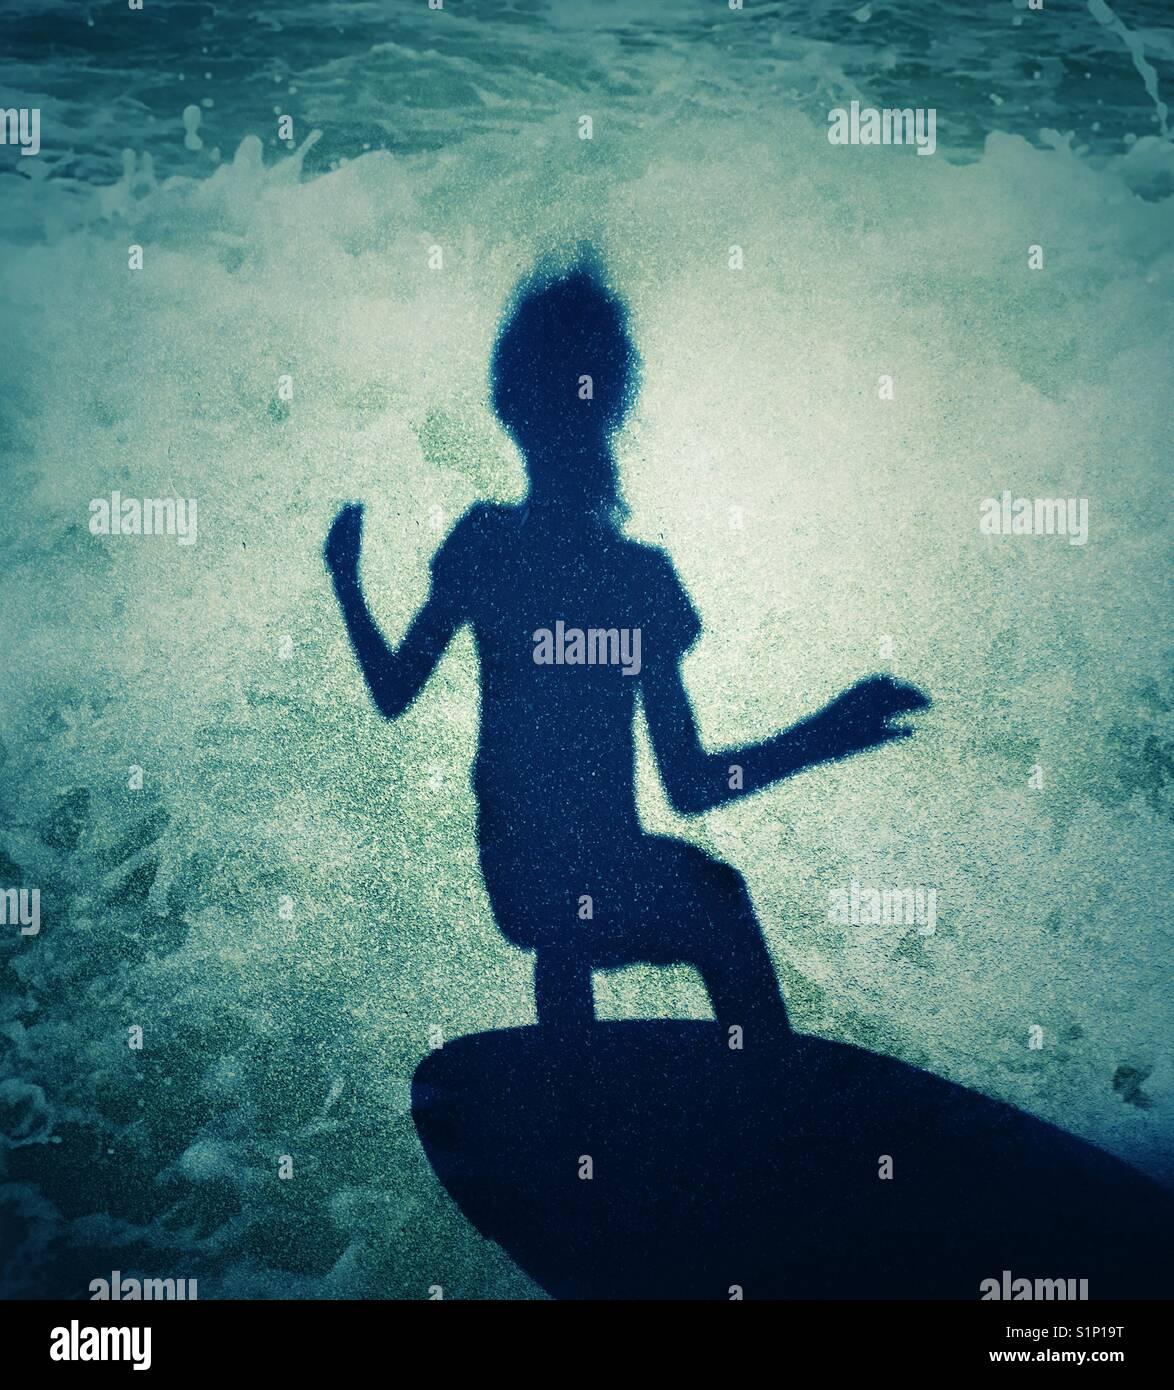 Schatten von jungen Mädchen surfen vor dem Hintergrund der brechenden Wellen Stockbild